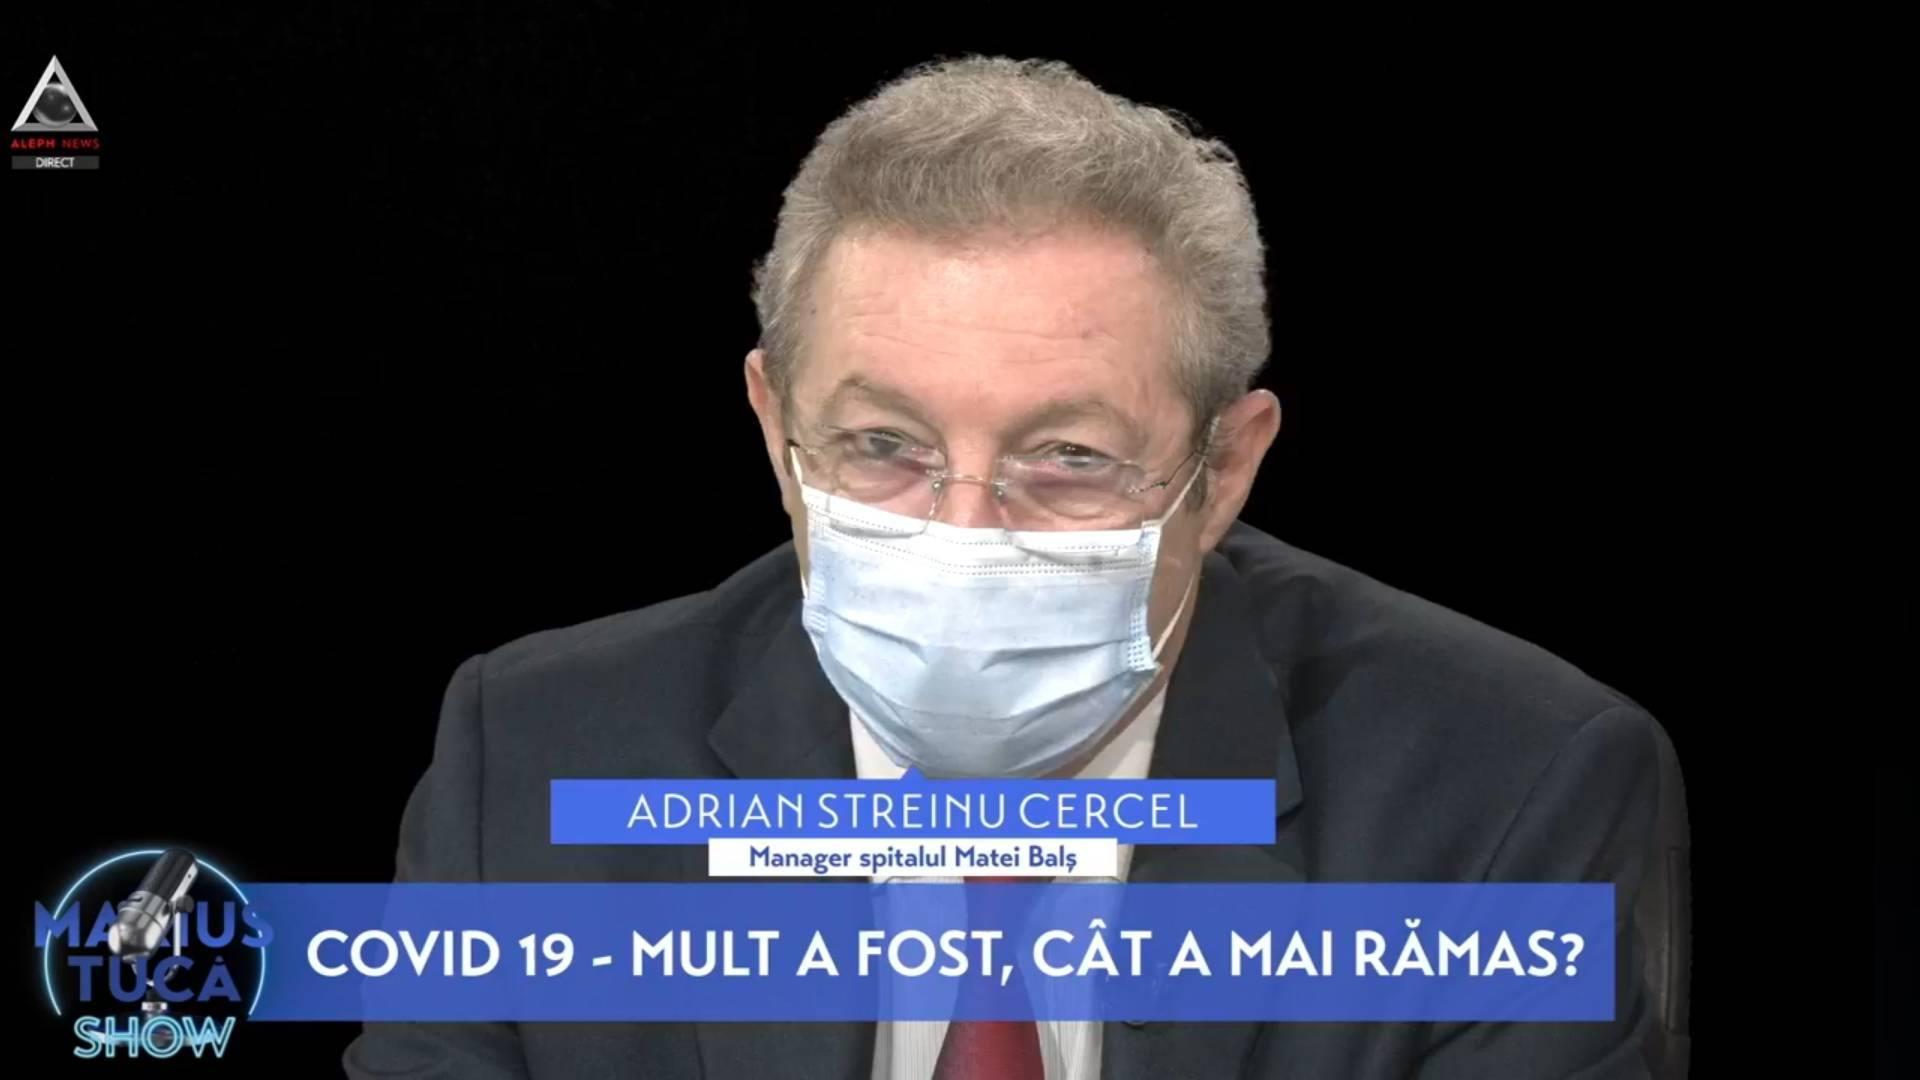 """Prof. dr. Adrian Streinu-Cercel, la Marius Tucă Show: """"Într-un timp, nu foarte îndepărtat, toate spitalele din România vor fi spitale COVID"""", însă epidemia """"în 2023 se termină"""""""